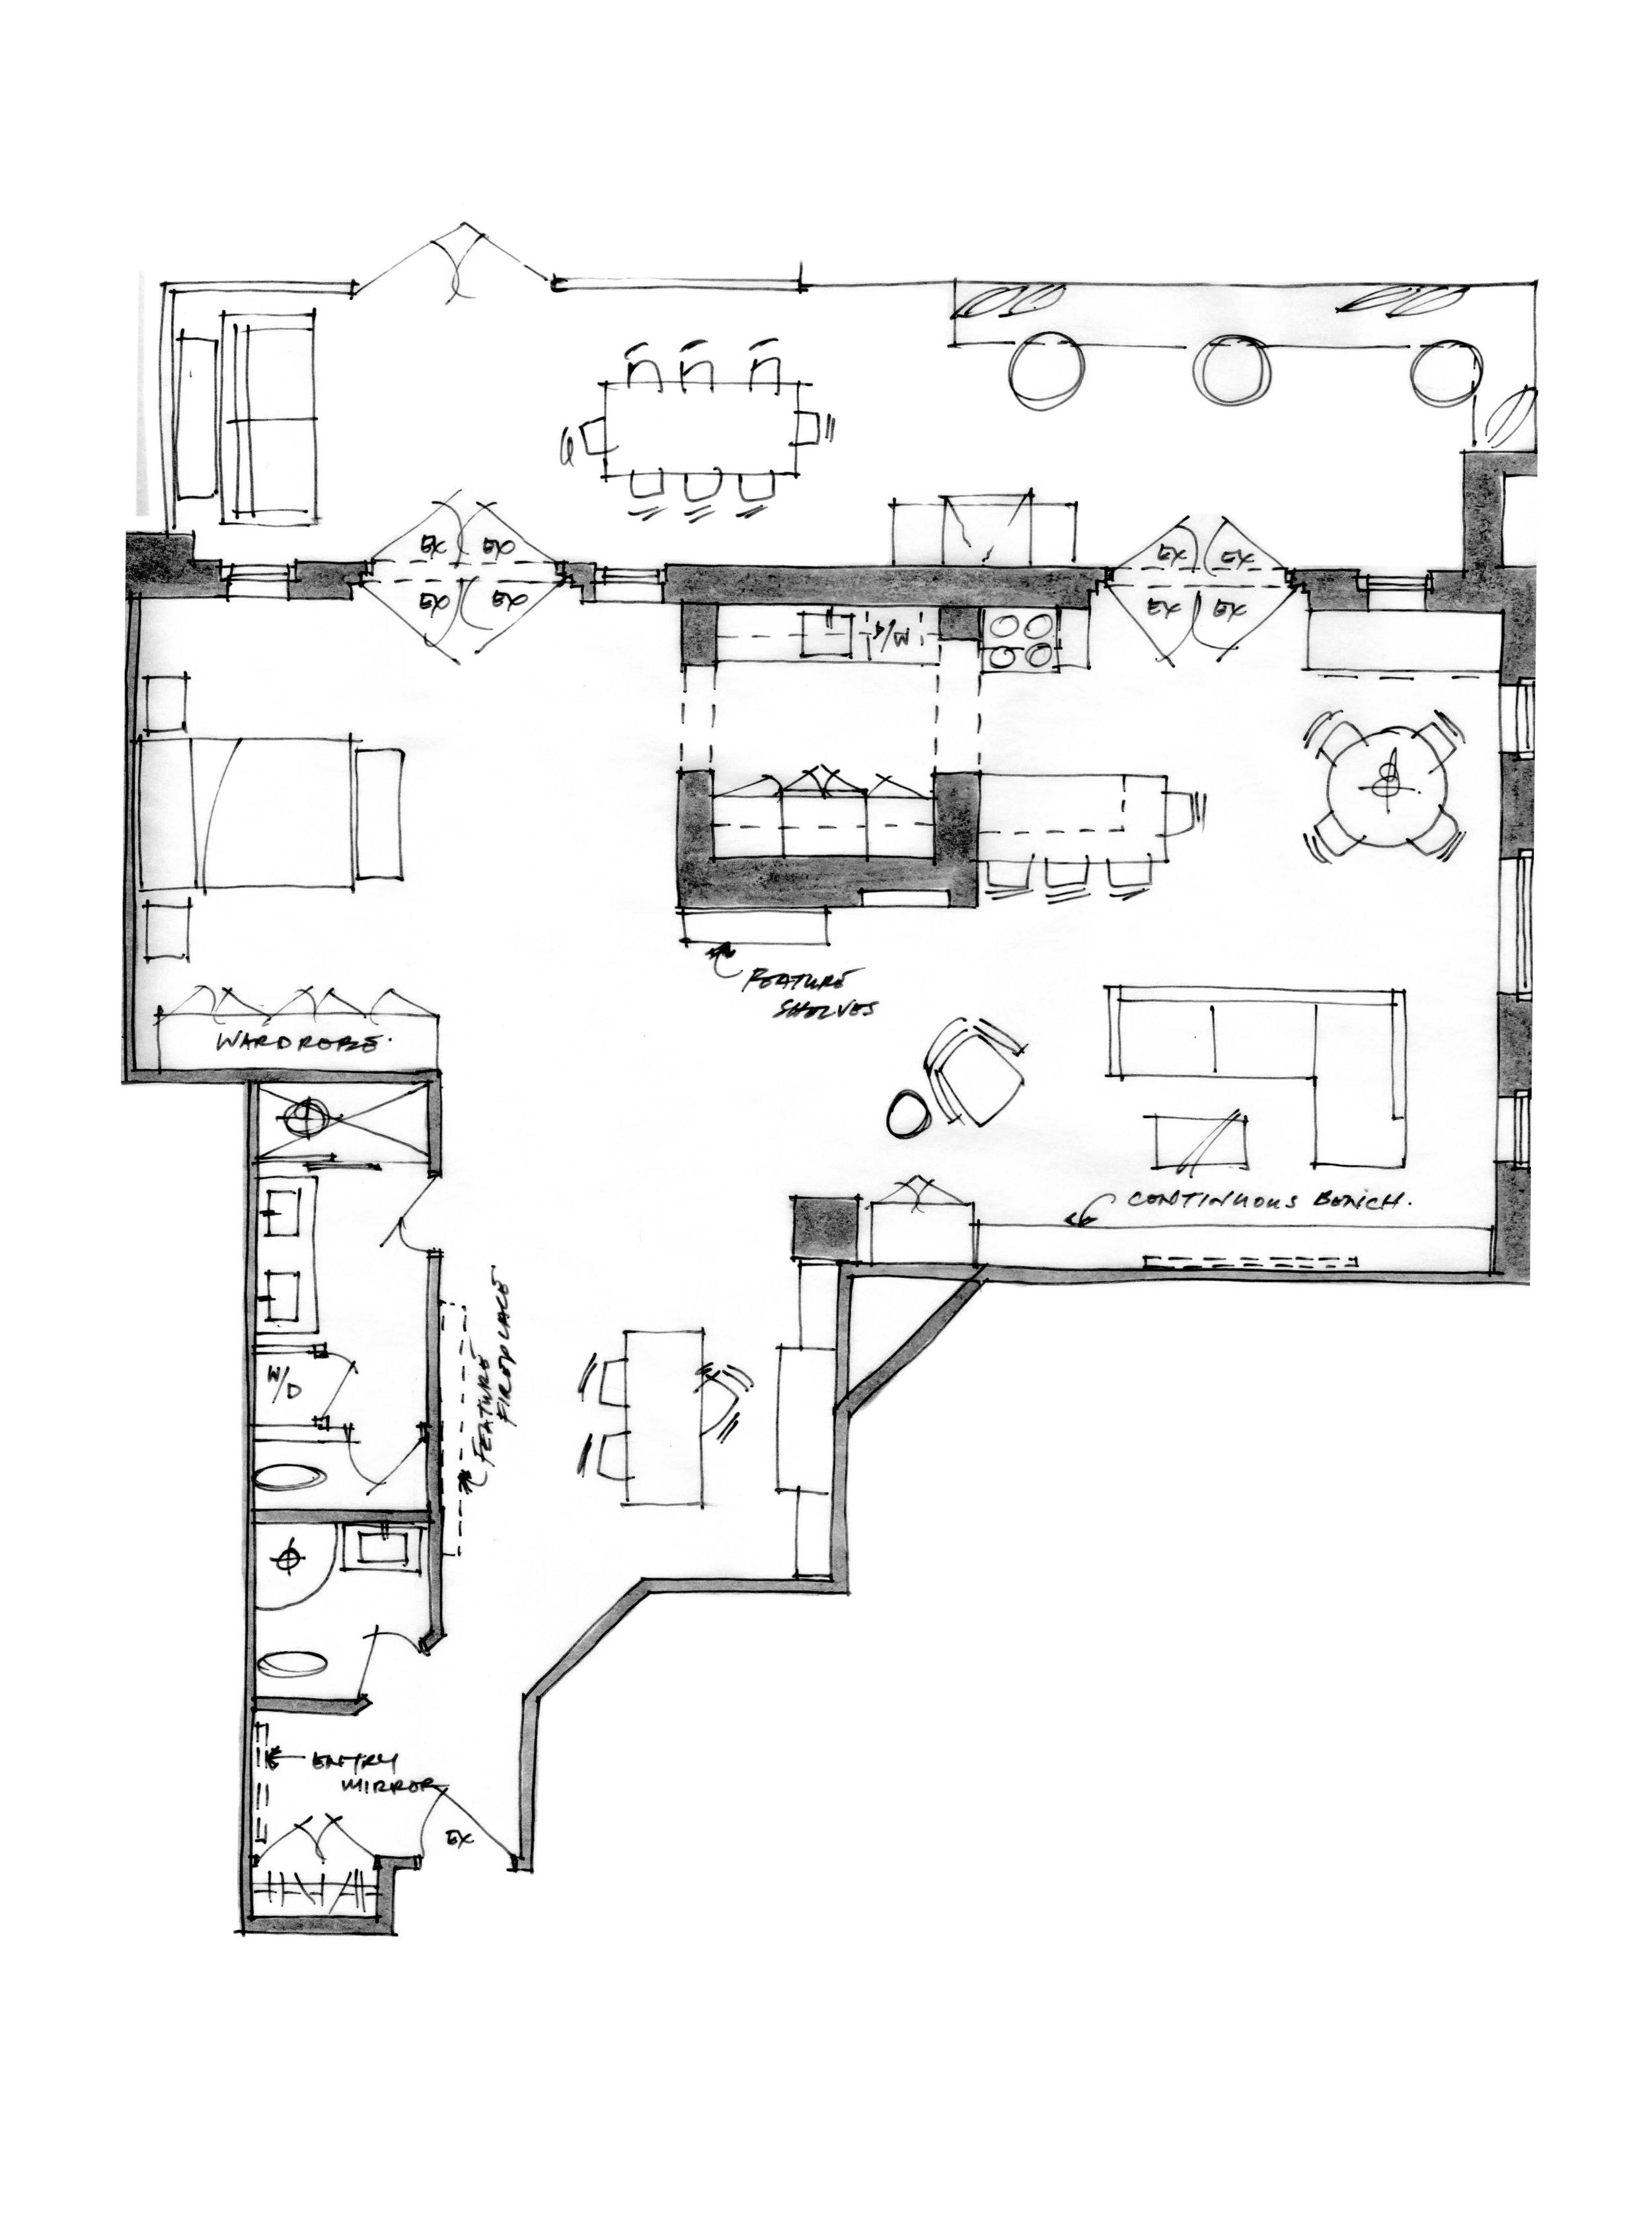 Korr Design_Imperial Loft Design.jpg